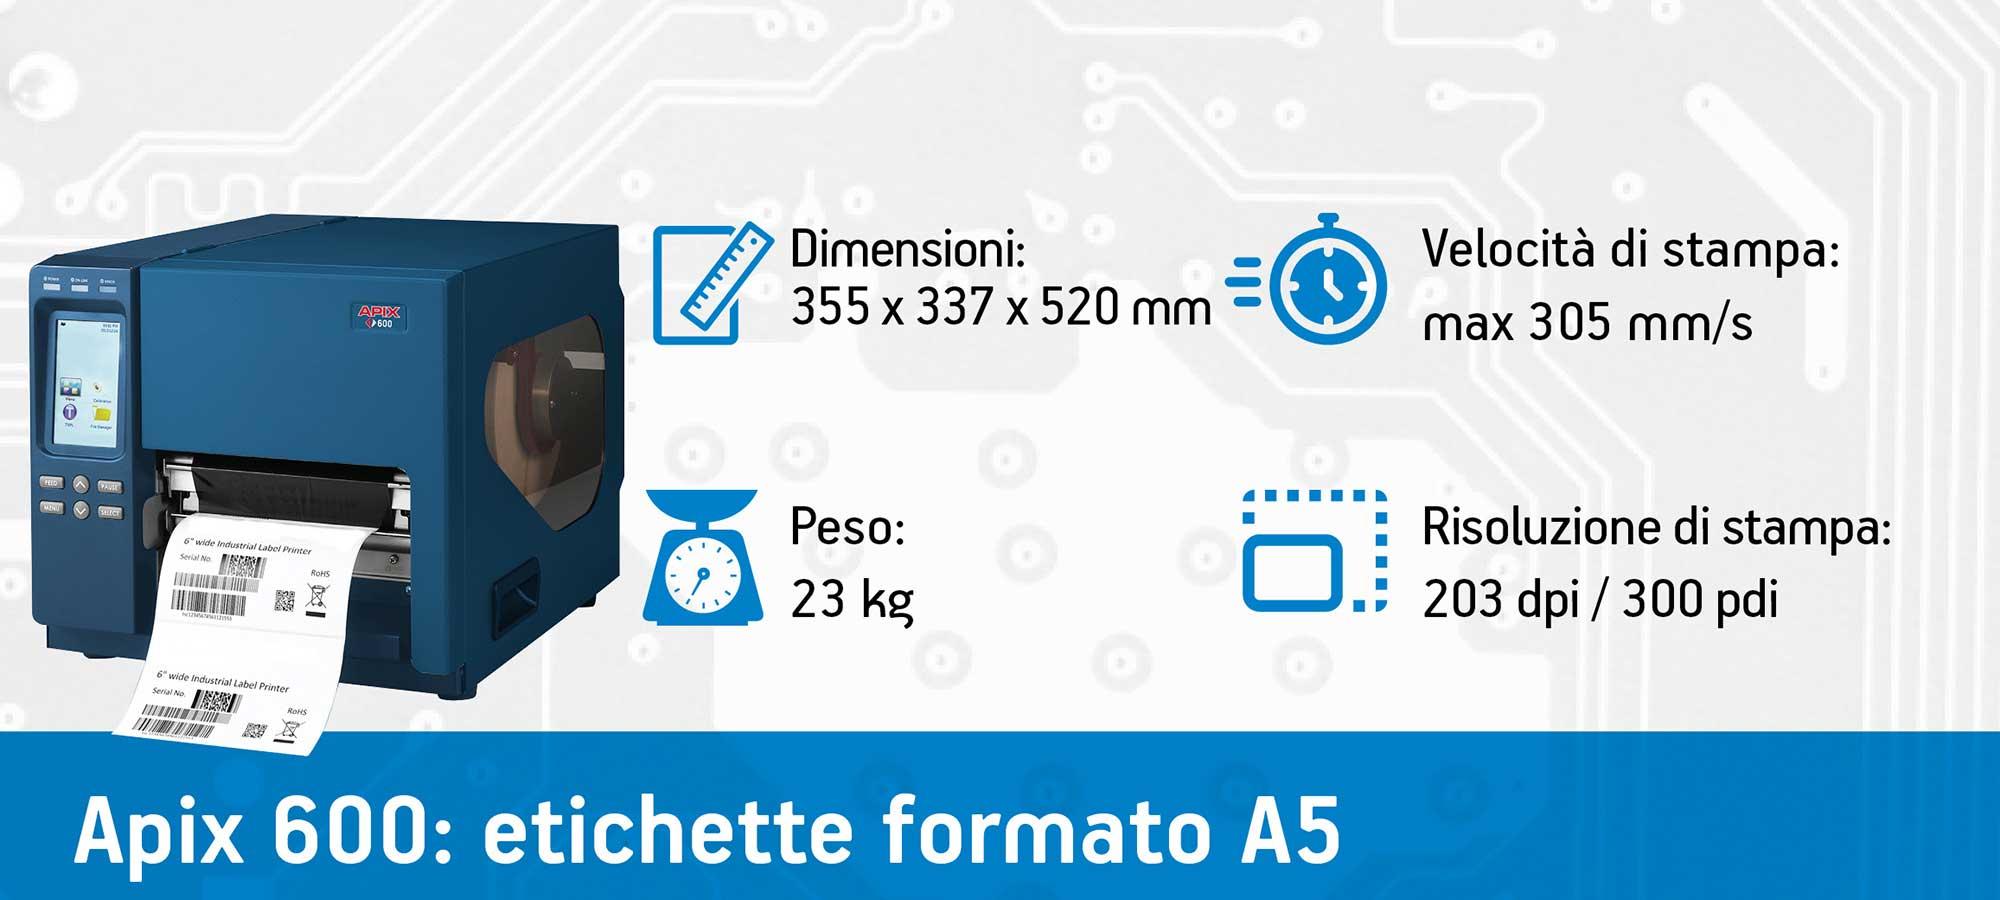 stampante etichette Apix 600